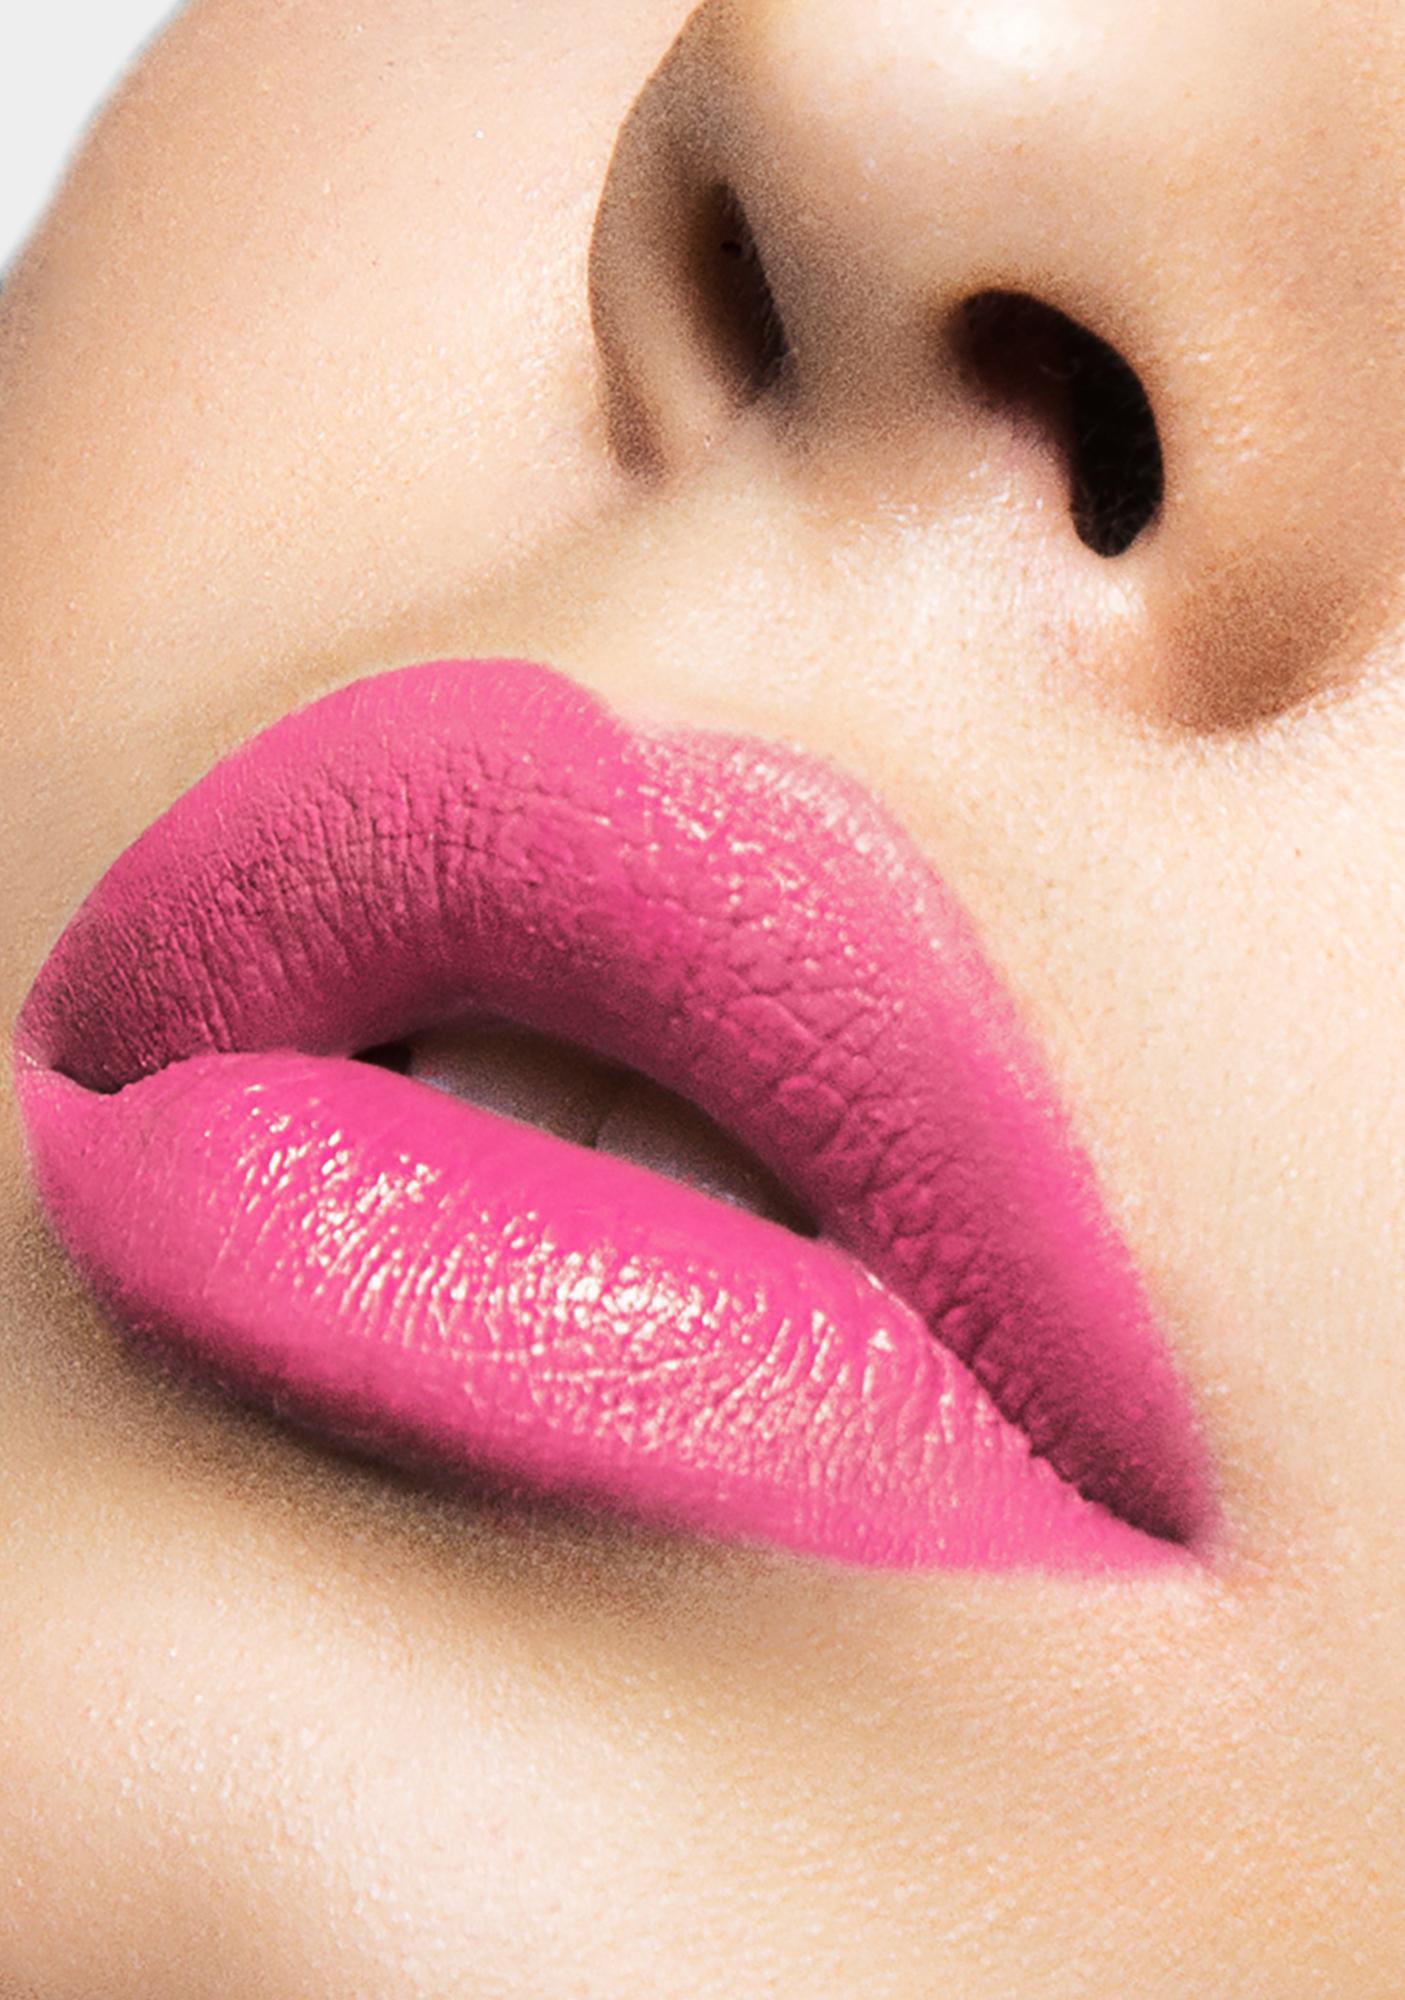 Boys Lie Love Paint Lipstick